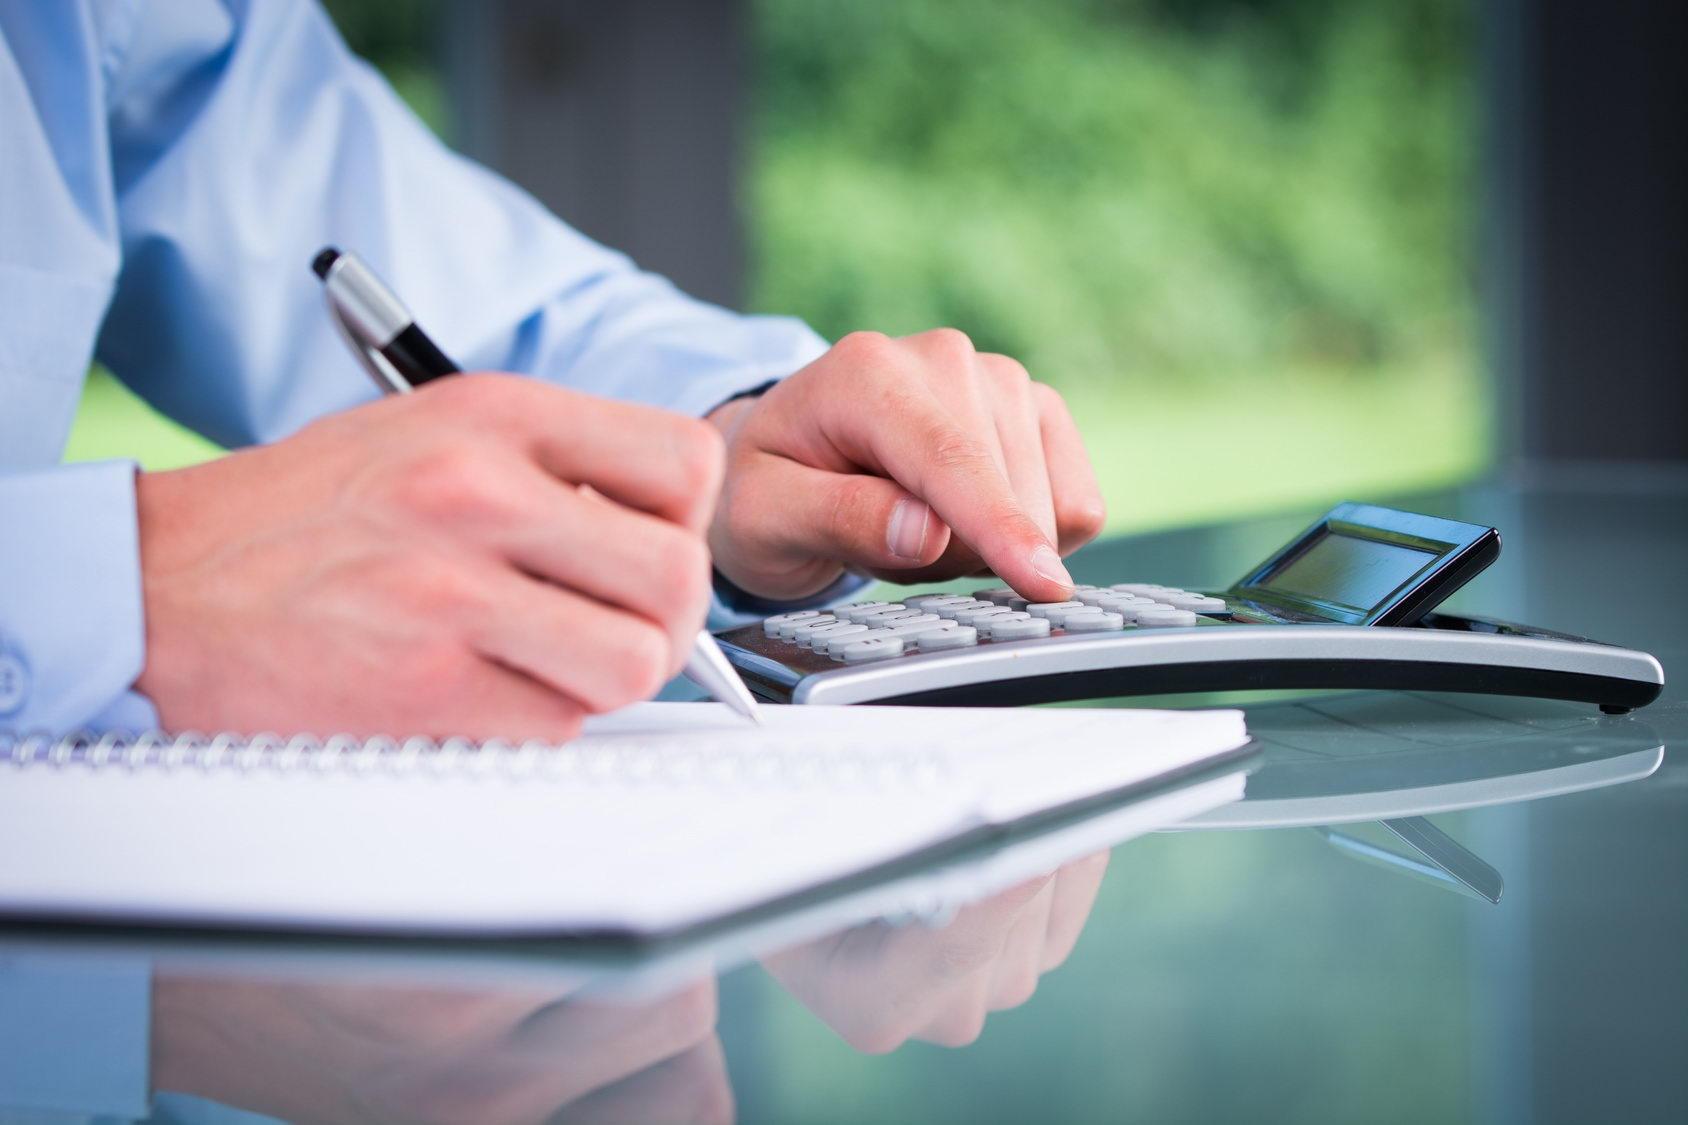 بخشنامه ۱۰۰۰/۹۷/۲۴۴۰ مورخ ۱۳۹۷/۰۳/۰۵ تمدید محدودیت بازرسی از دفاتر قانونی شرکتها به آخرین سال مالی